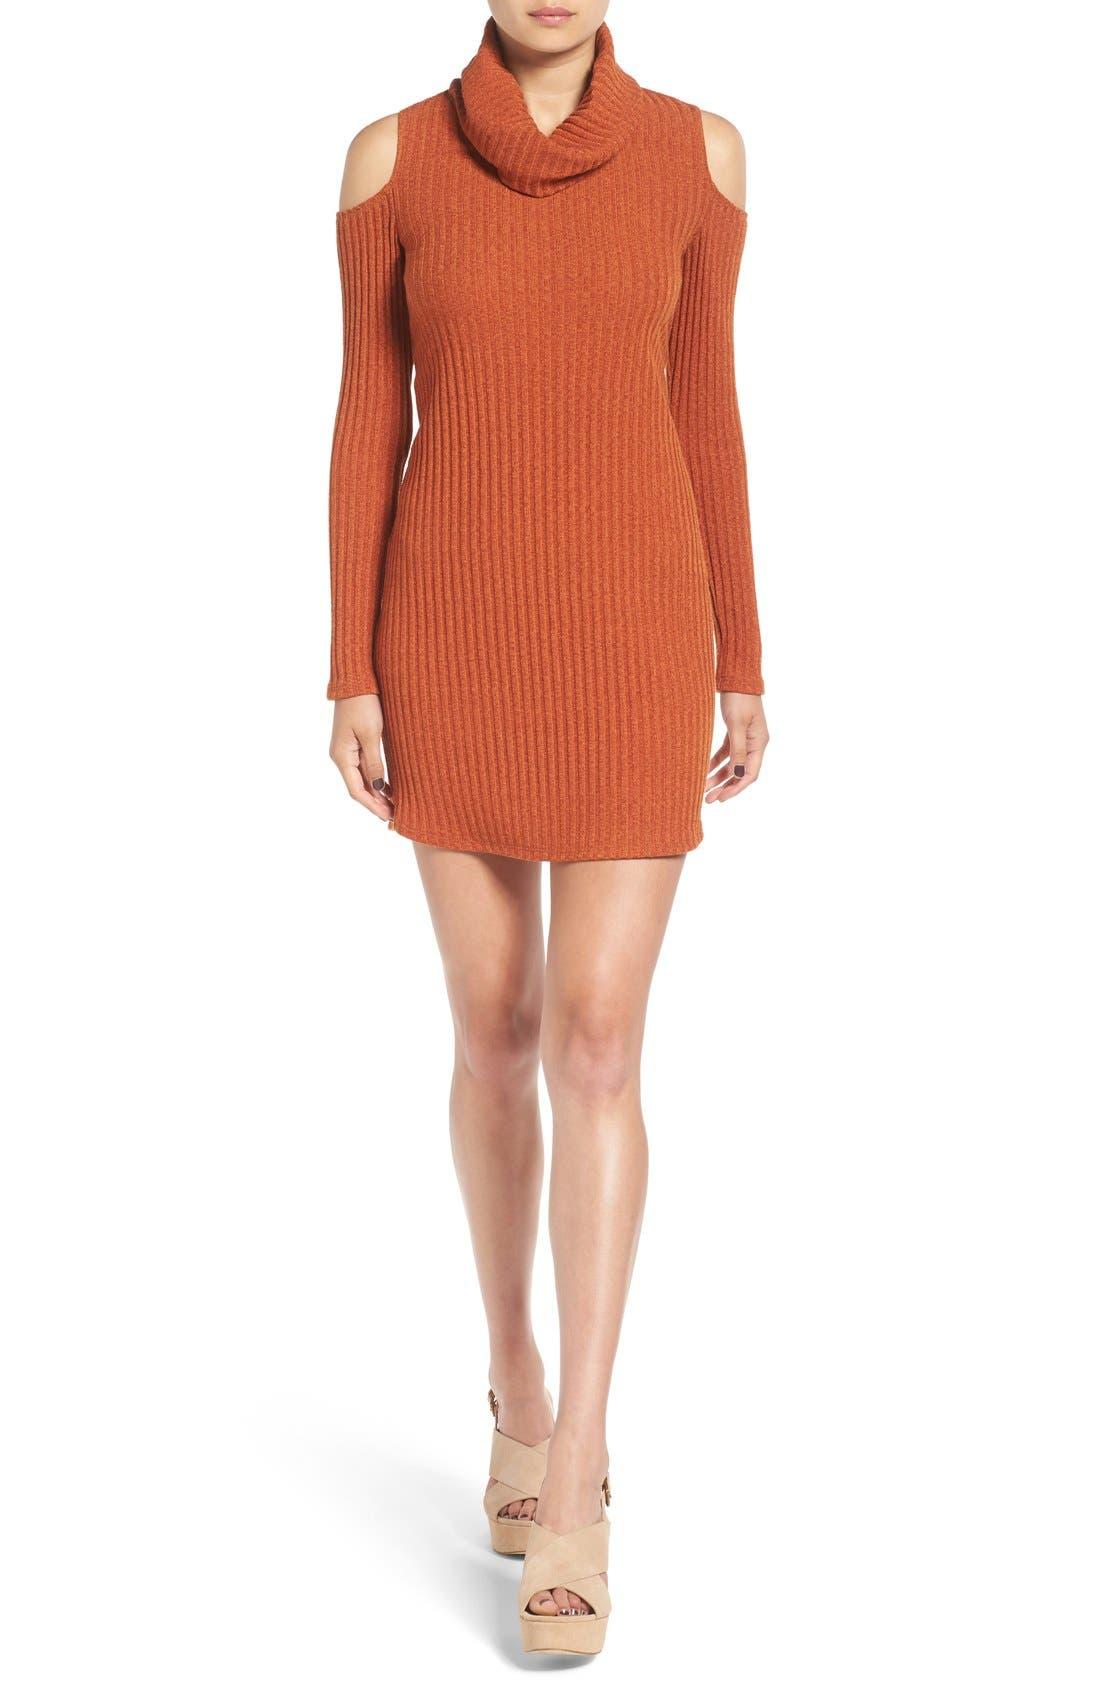 Main Image - Socialite Cold Shoulder Rib Knit Dress